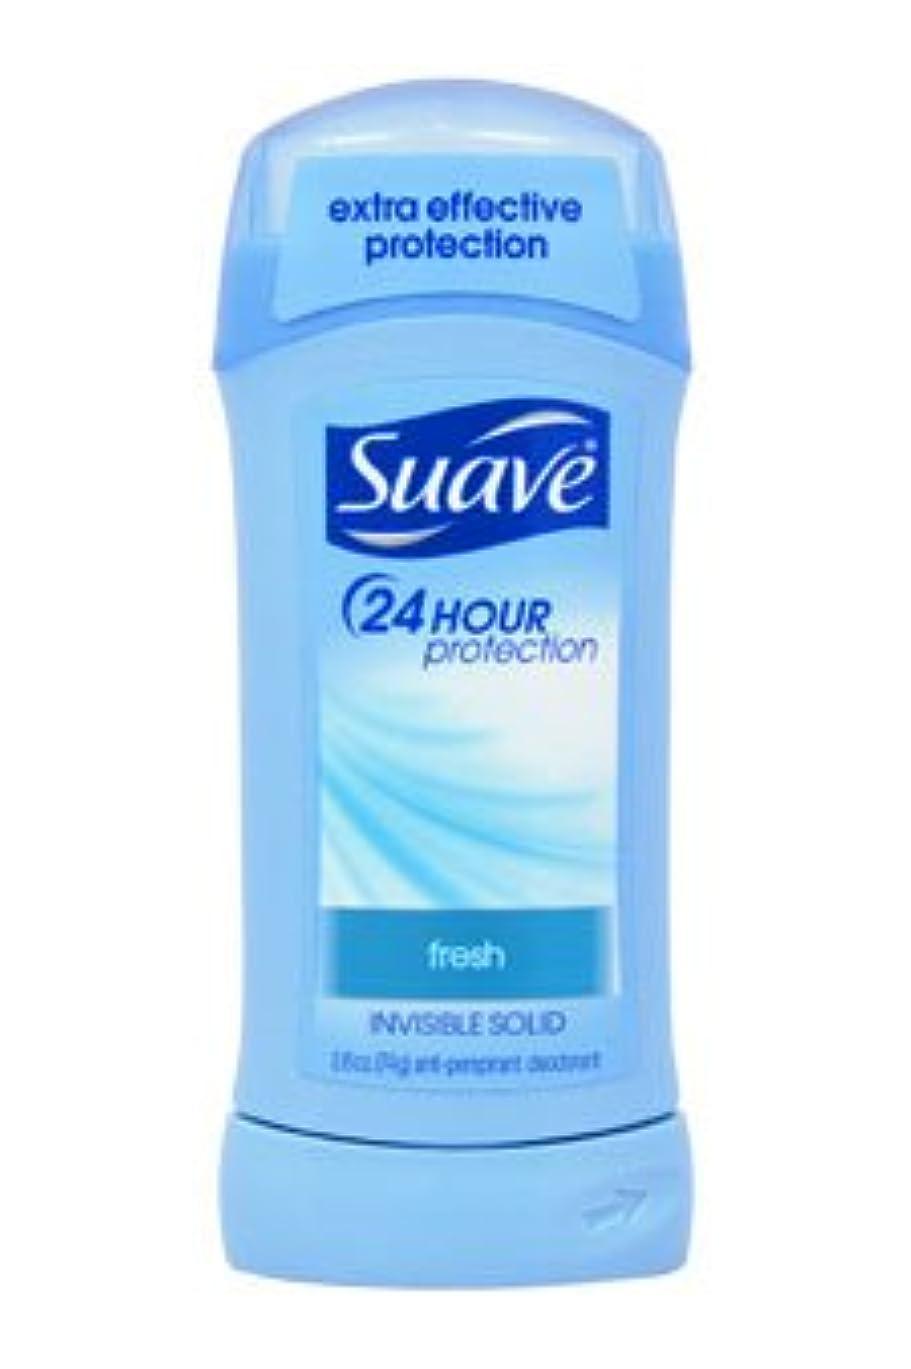 意義ヘビーエイズSuave 24 Hour Protection Fresh Invisible Solid Anti-Perspirant 73g (並行輸入品)